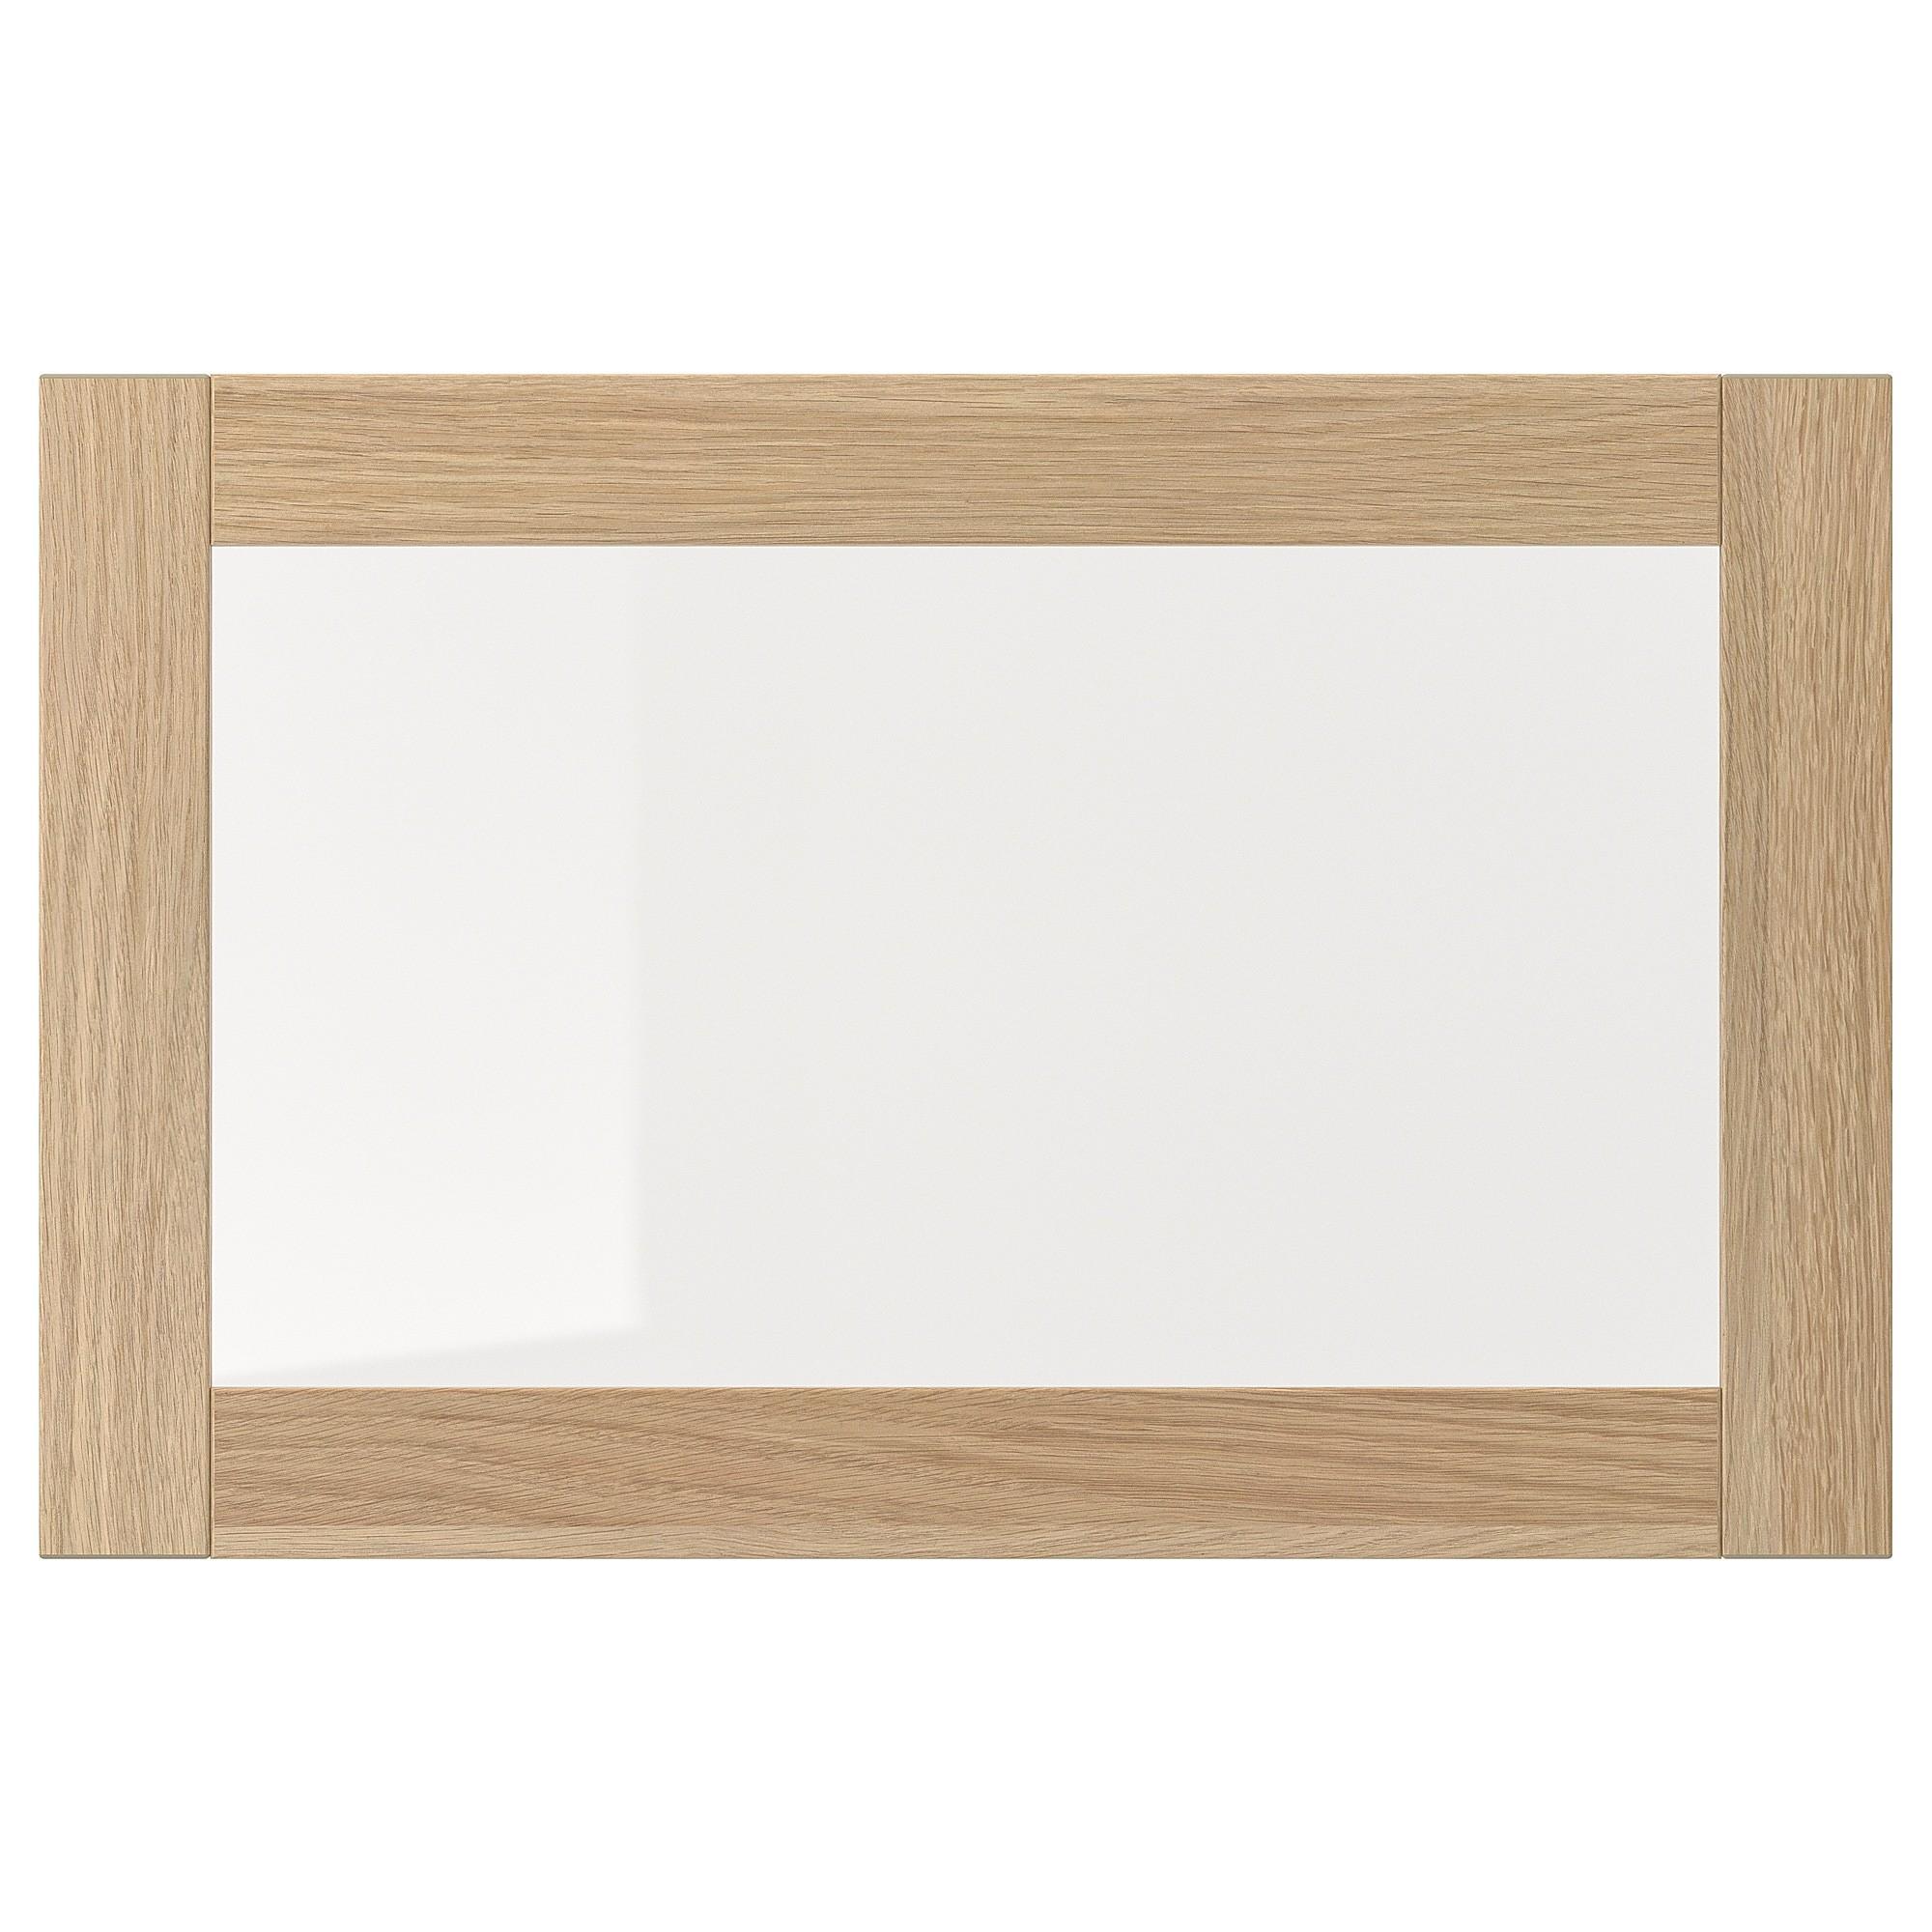 IKEA SINDVIK стеклянная дверь под беленый дуб/прозрачное стекло 60x38 см 502.963.15